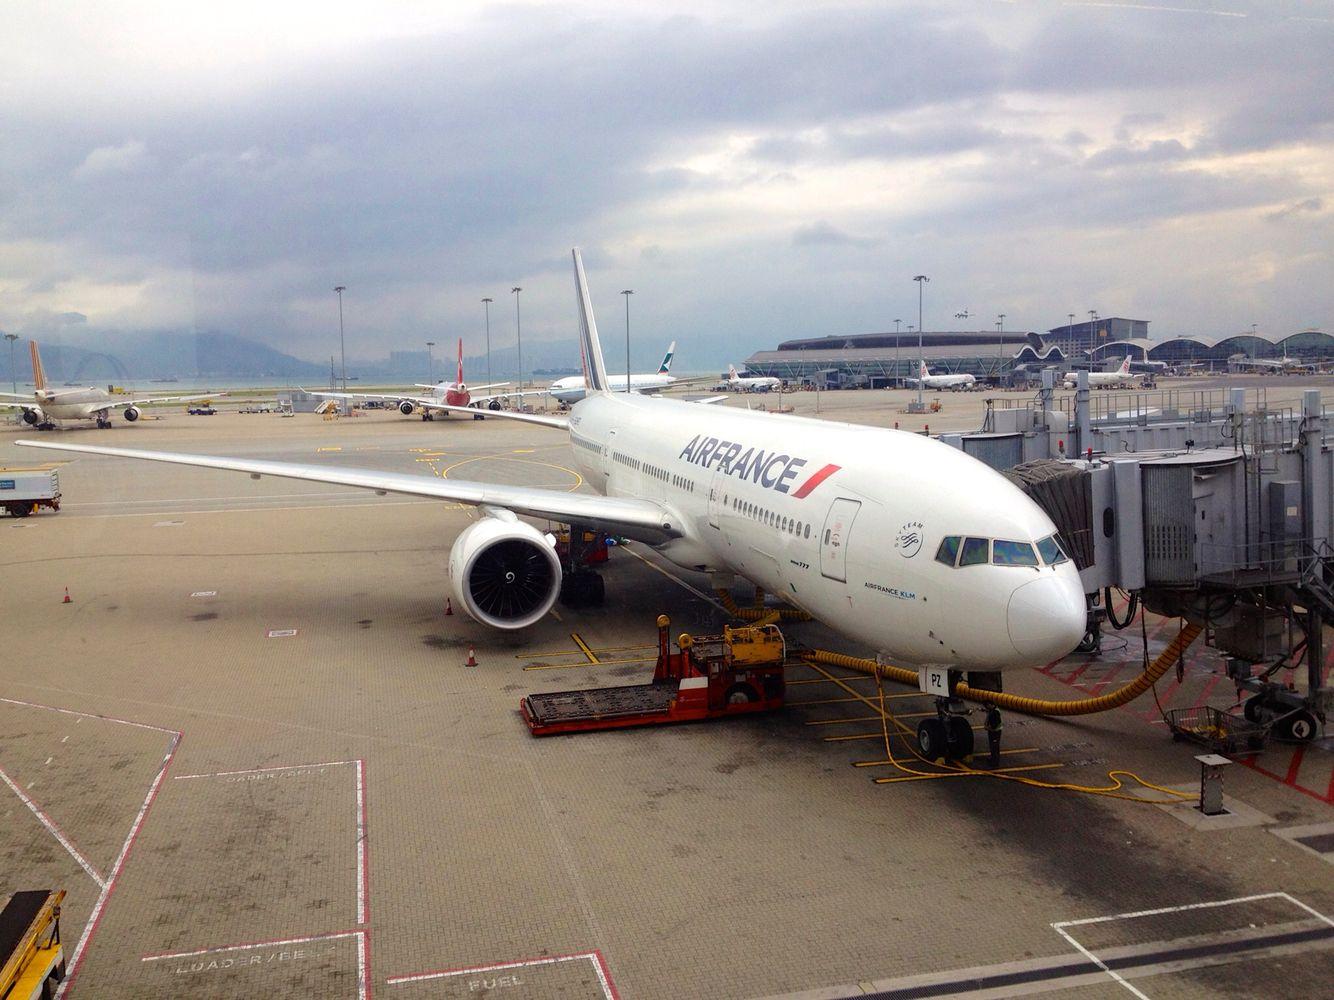 Air France Boeing 777300 HKG Hong Kong 飛行機